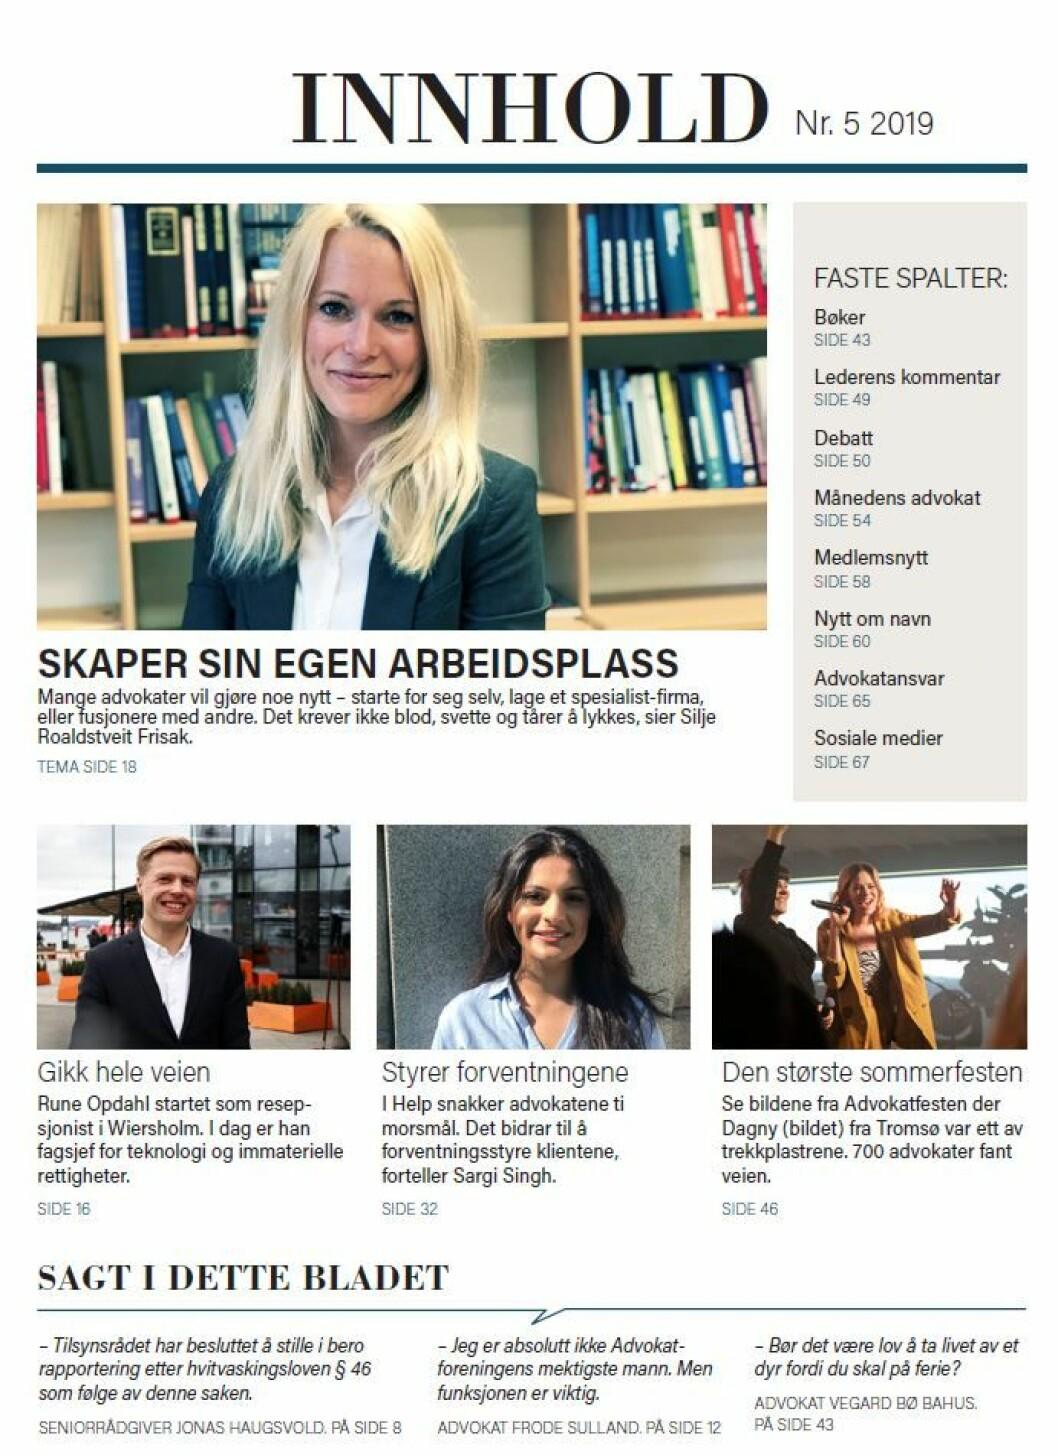 Innholdsfortegnelsen som Advokatbladets sommerutgave.